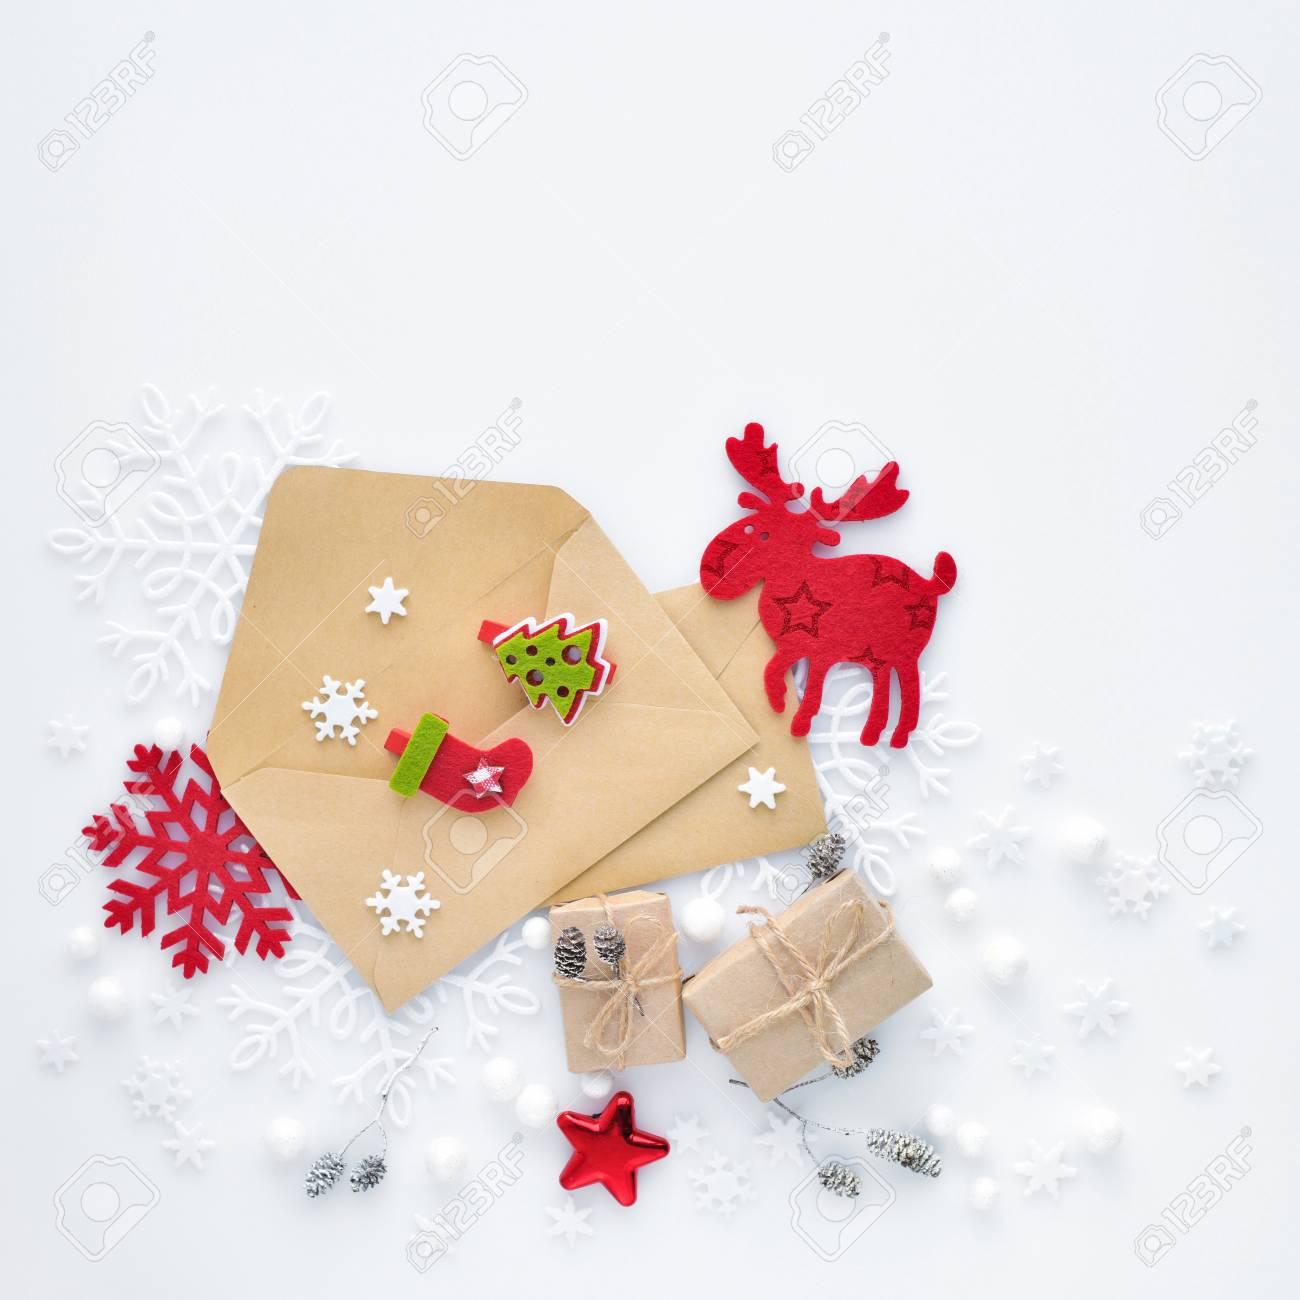 Weihnachten, Guten Rutsch Ins Neue Jahr-Zusammensetzung ...